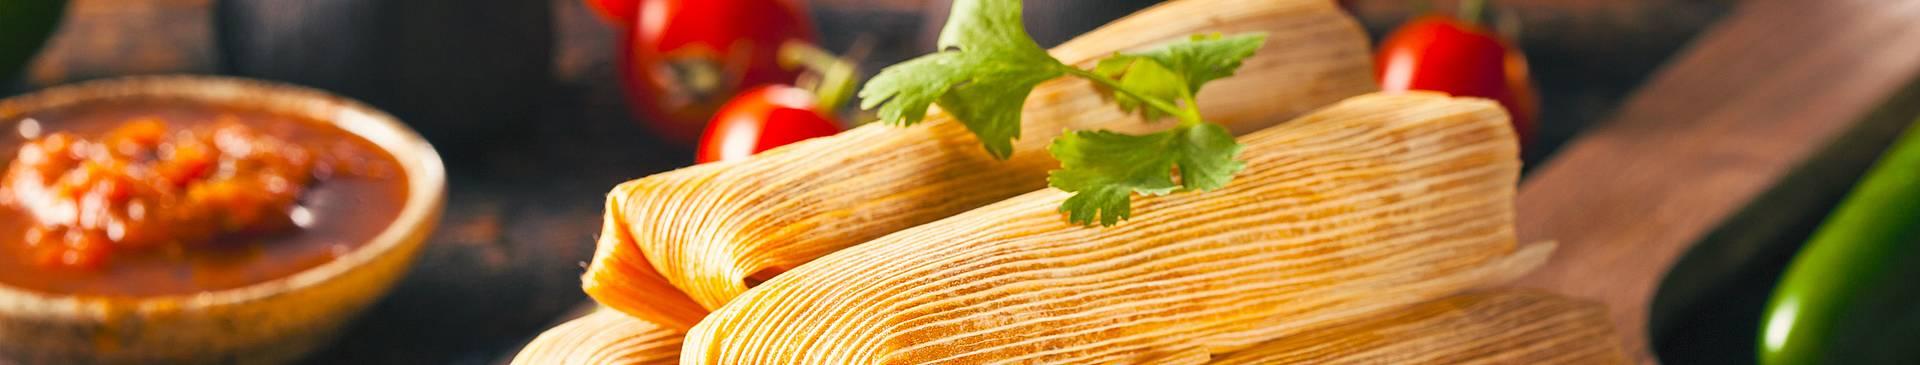 Circuits culinaires au Mexique